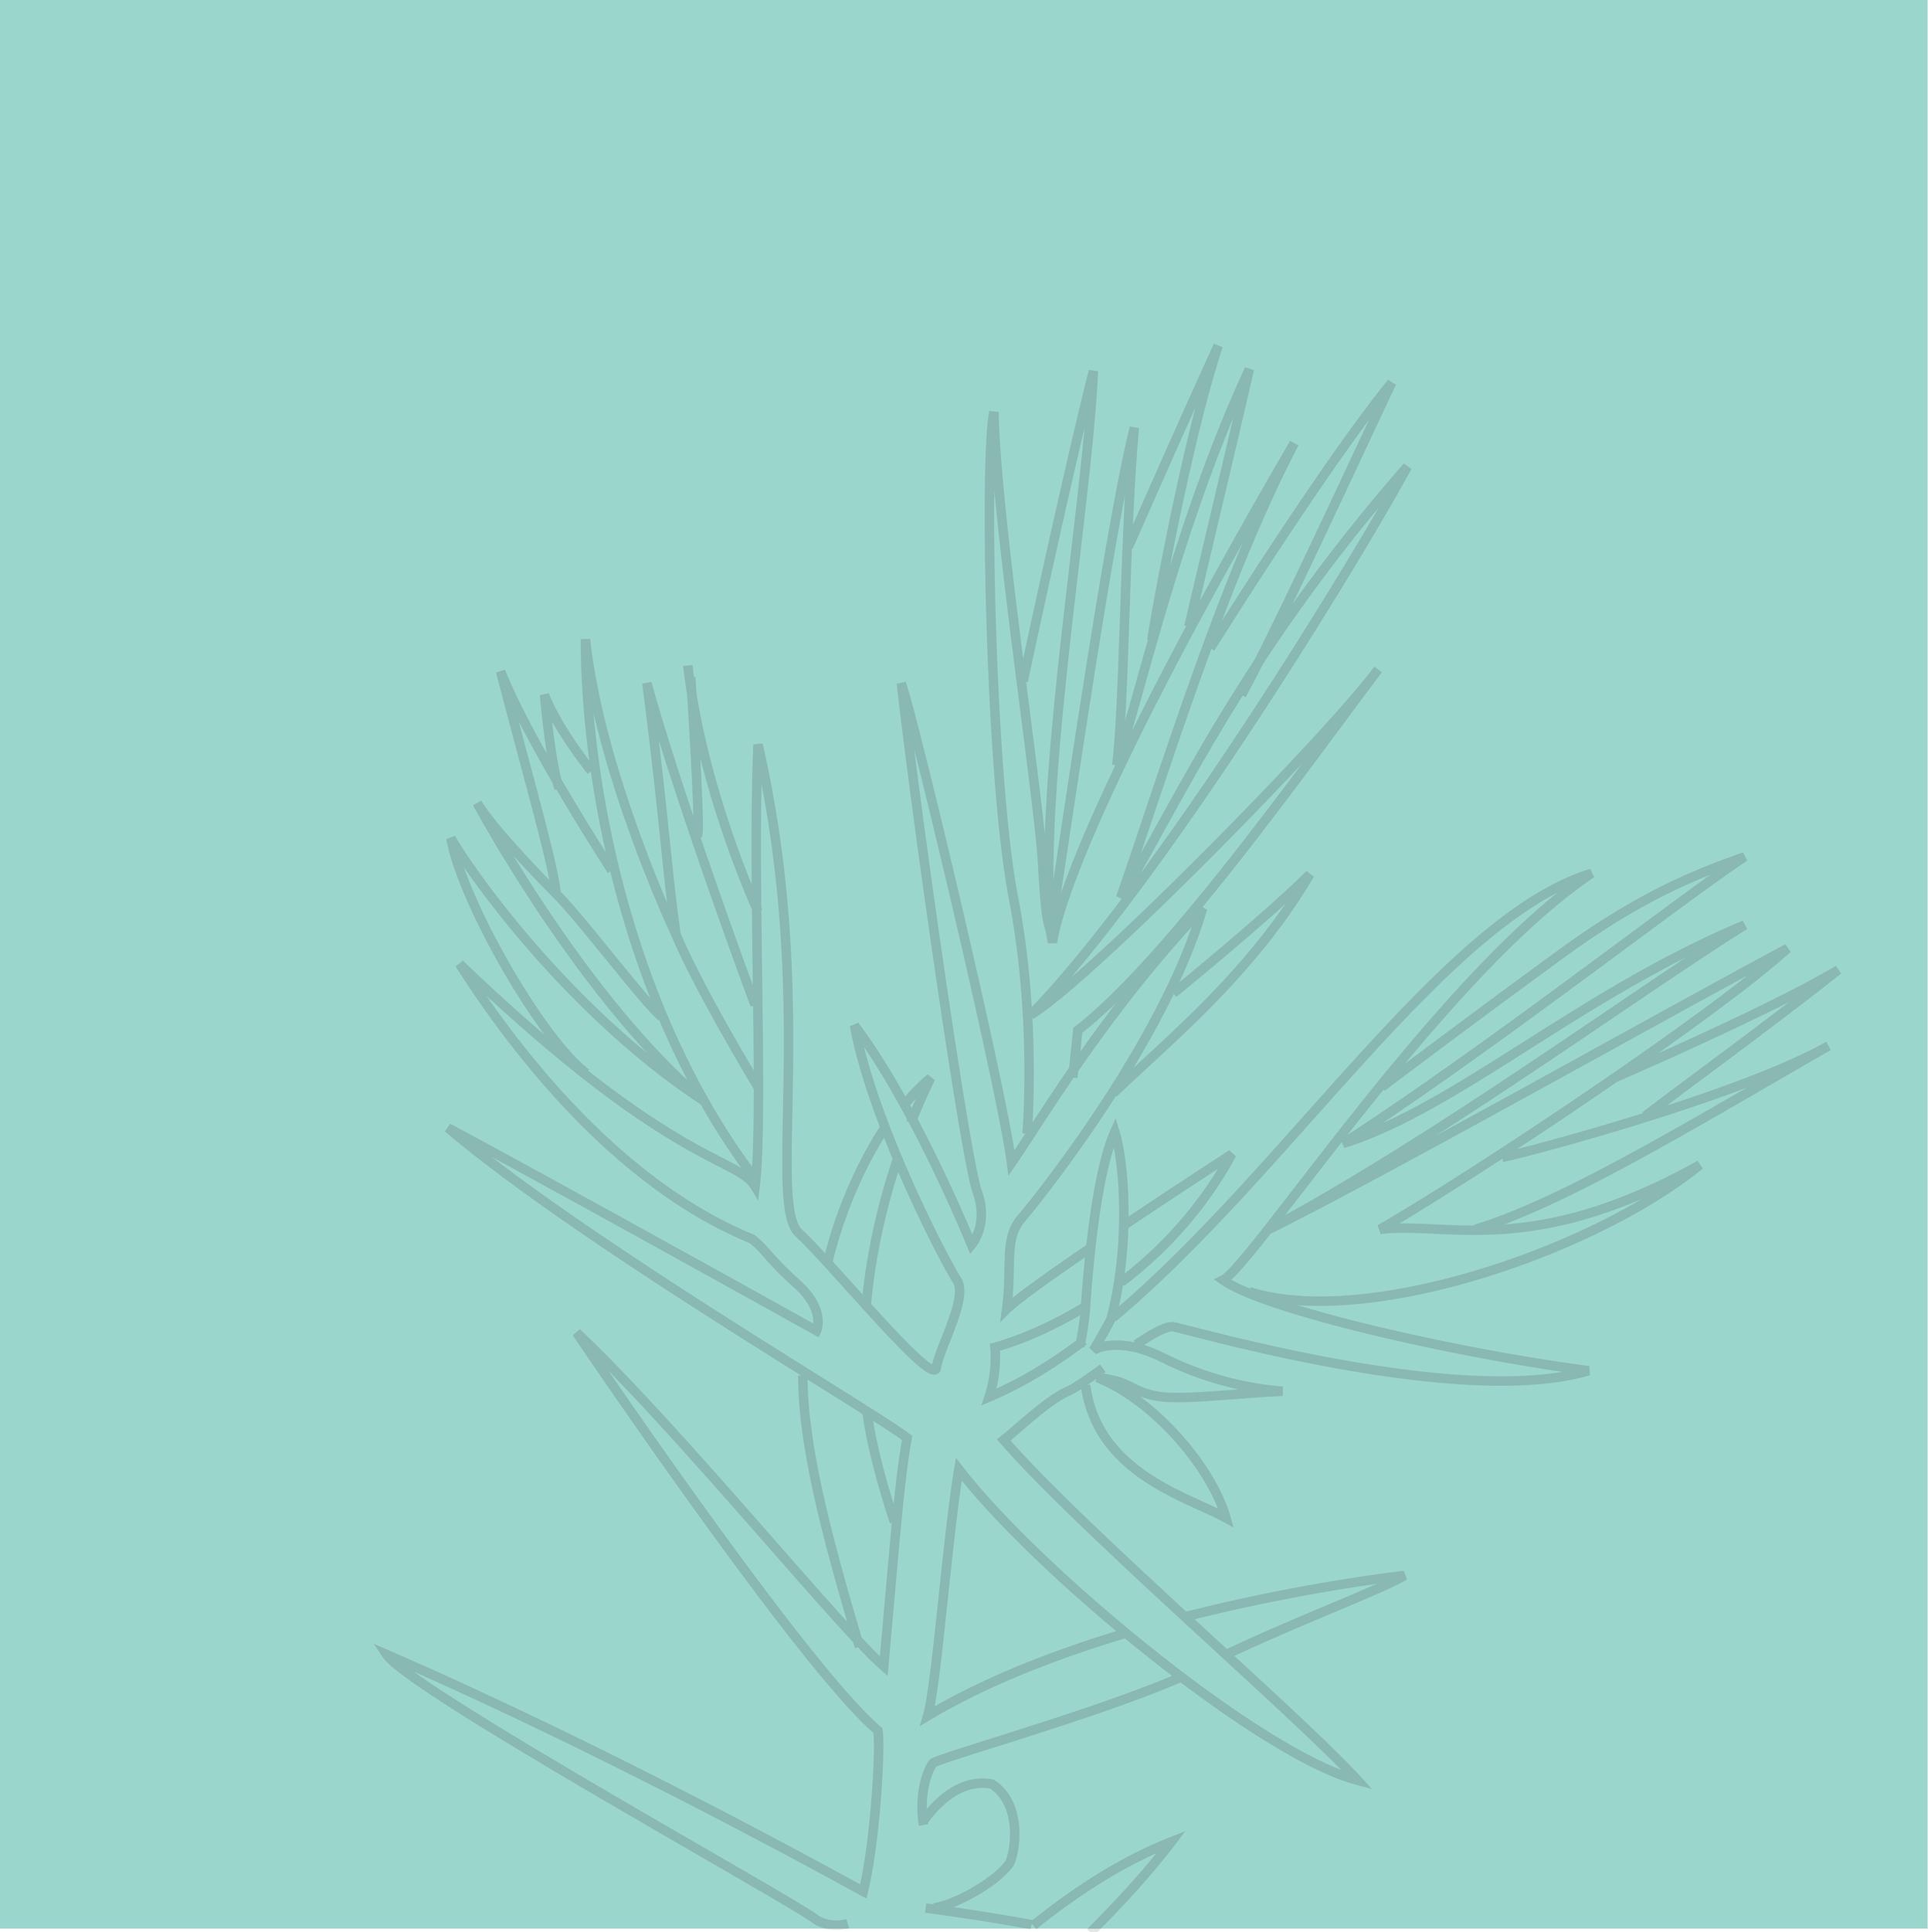 Ampersand-Brand-Details-07.png